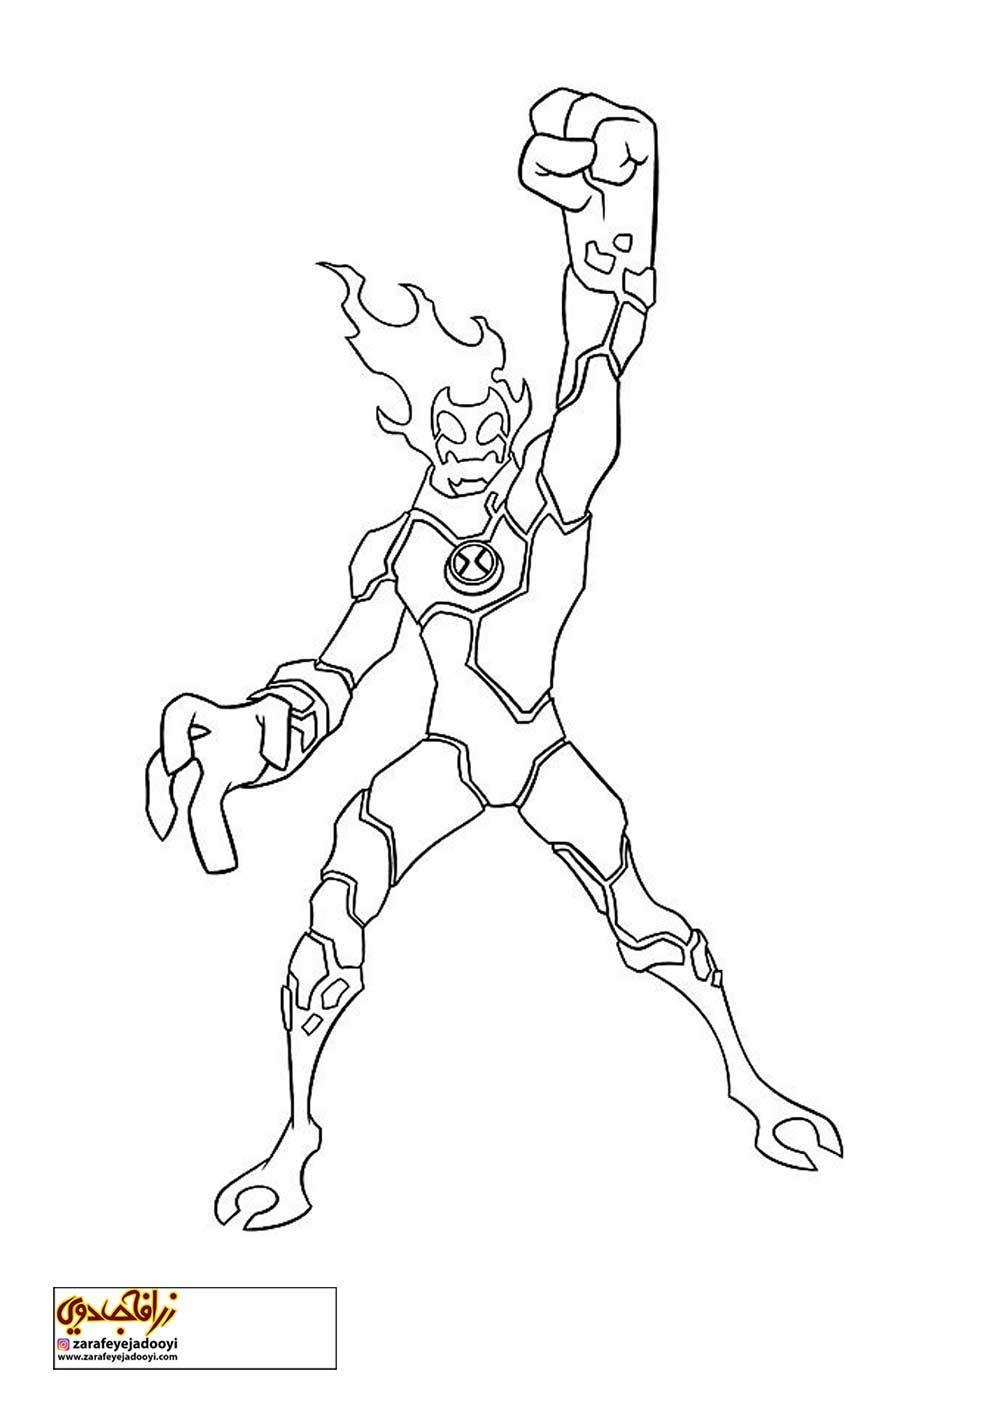 زرافه-جادویی-نقاشی-کارتون-بن-تن-18